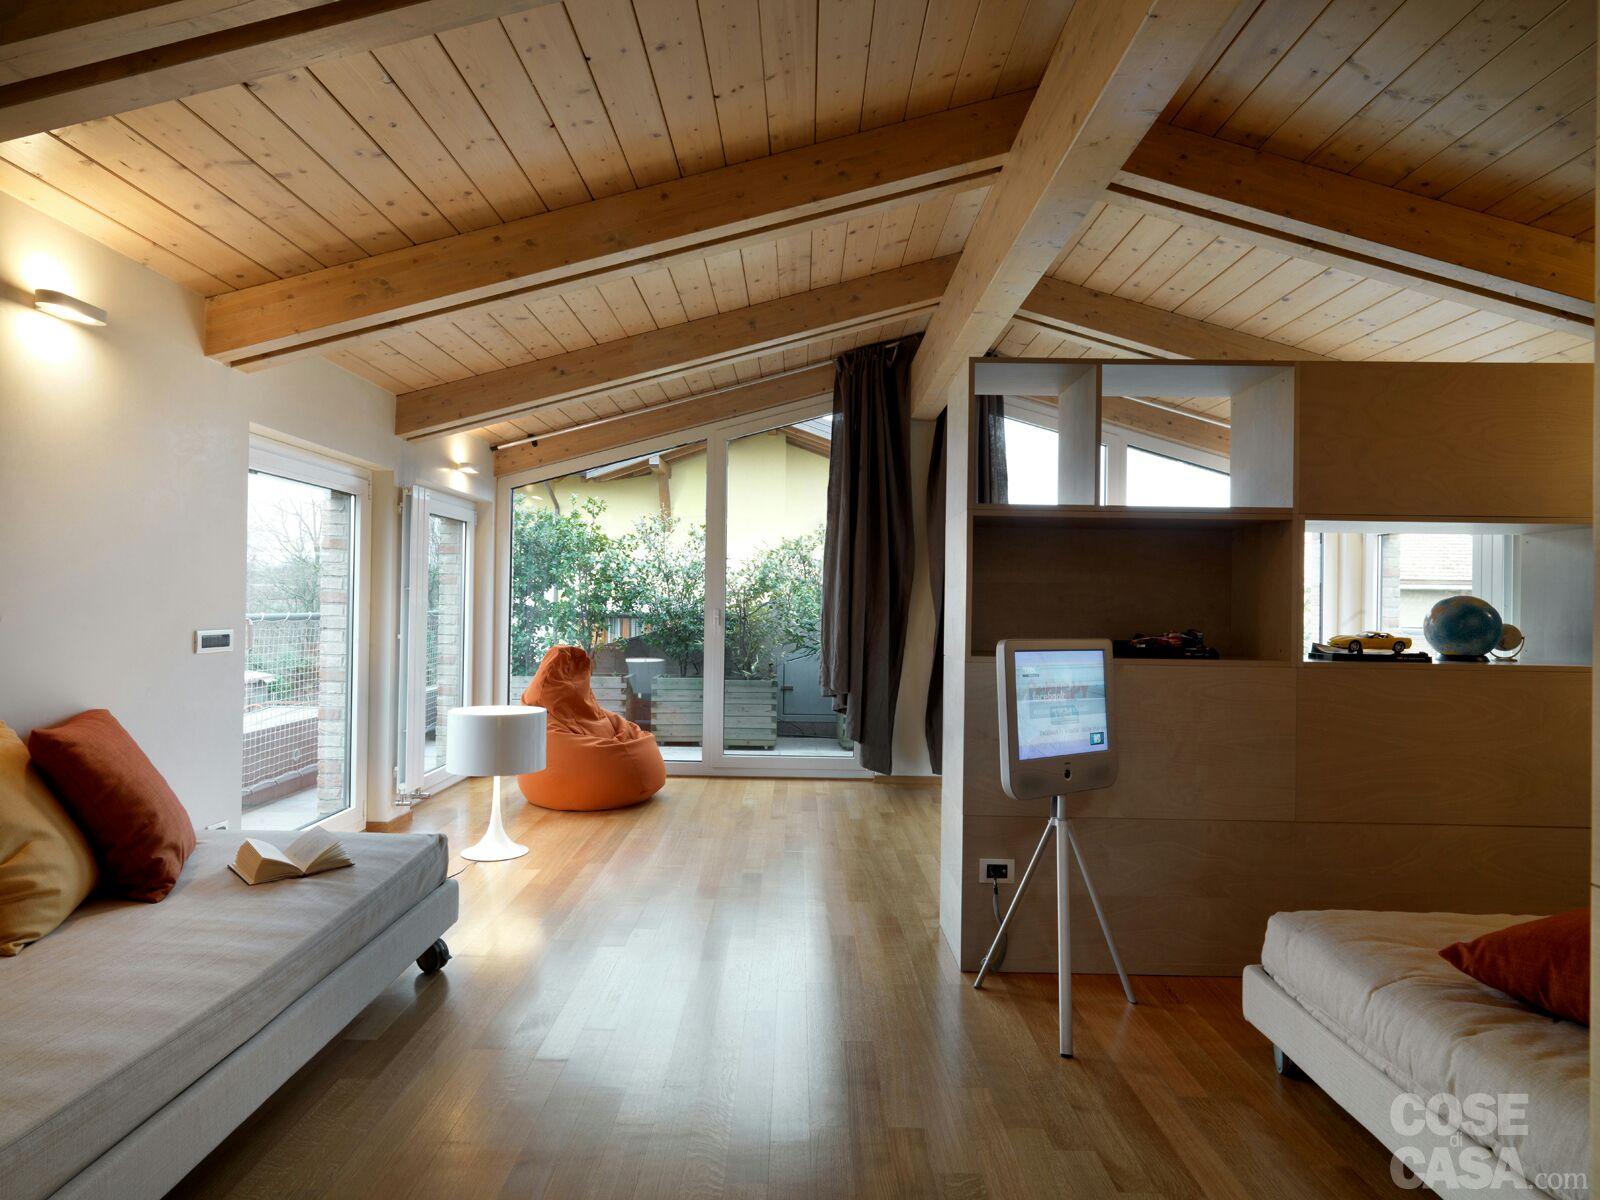 Vendita case mobili bungalow casa ecolegno for Abitazioni interni